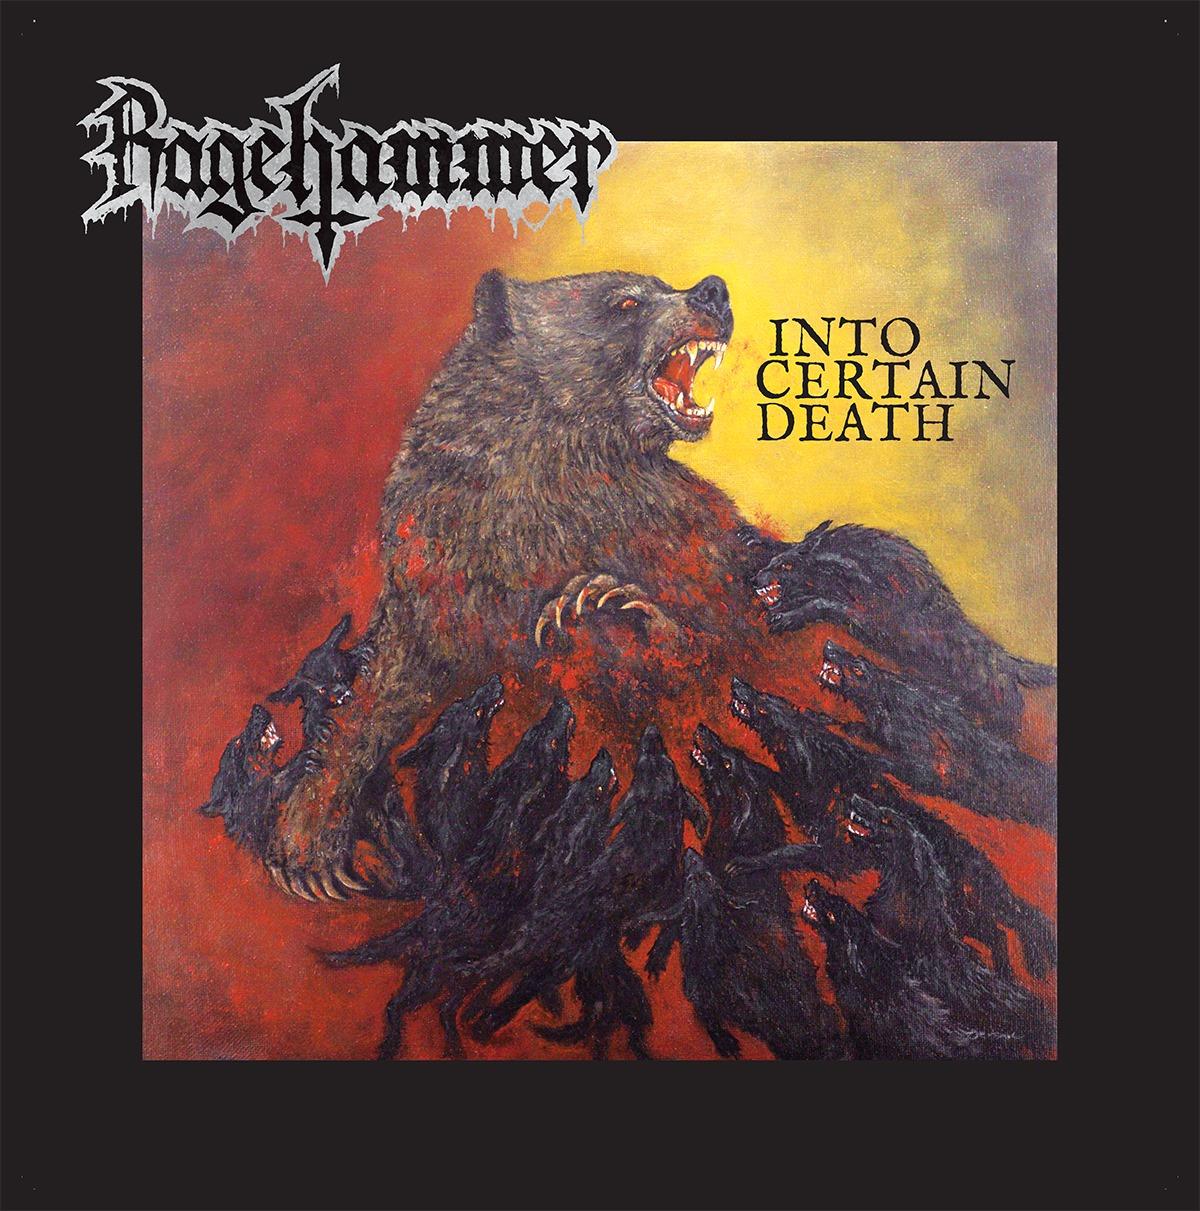 ragehammer into certain death